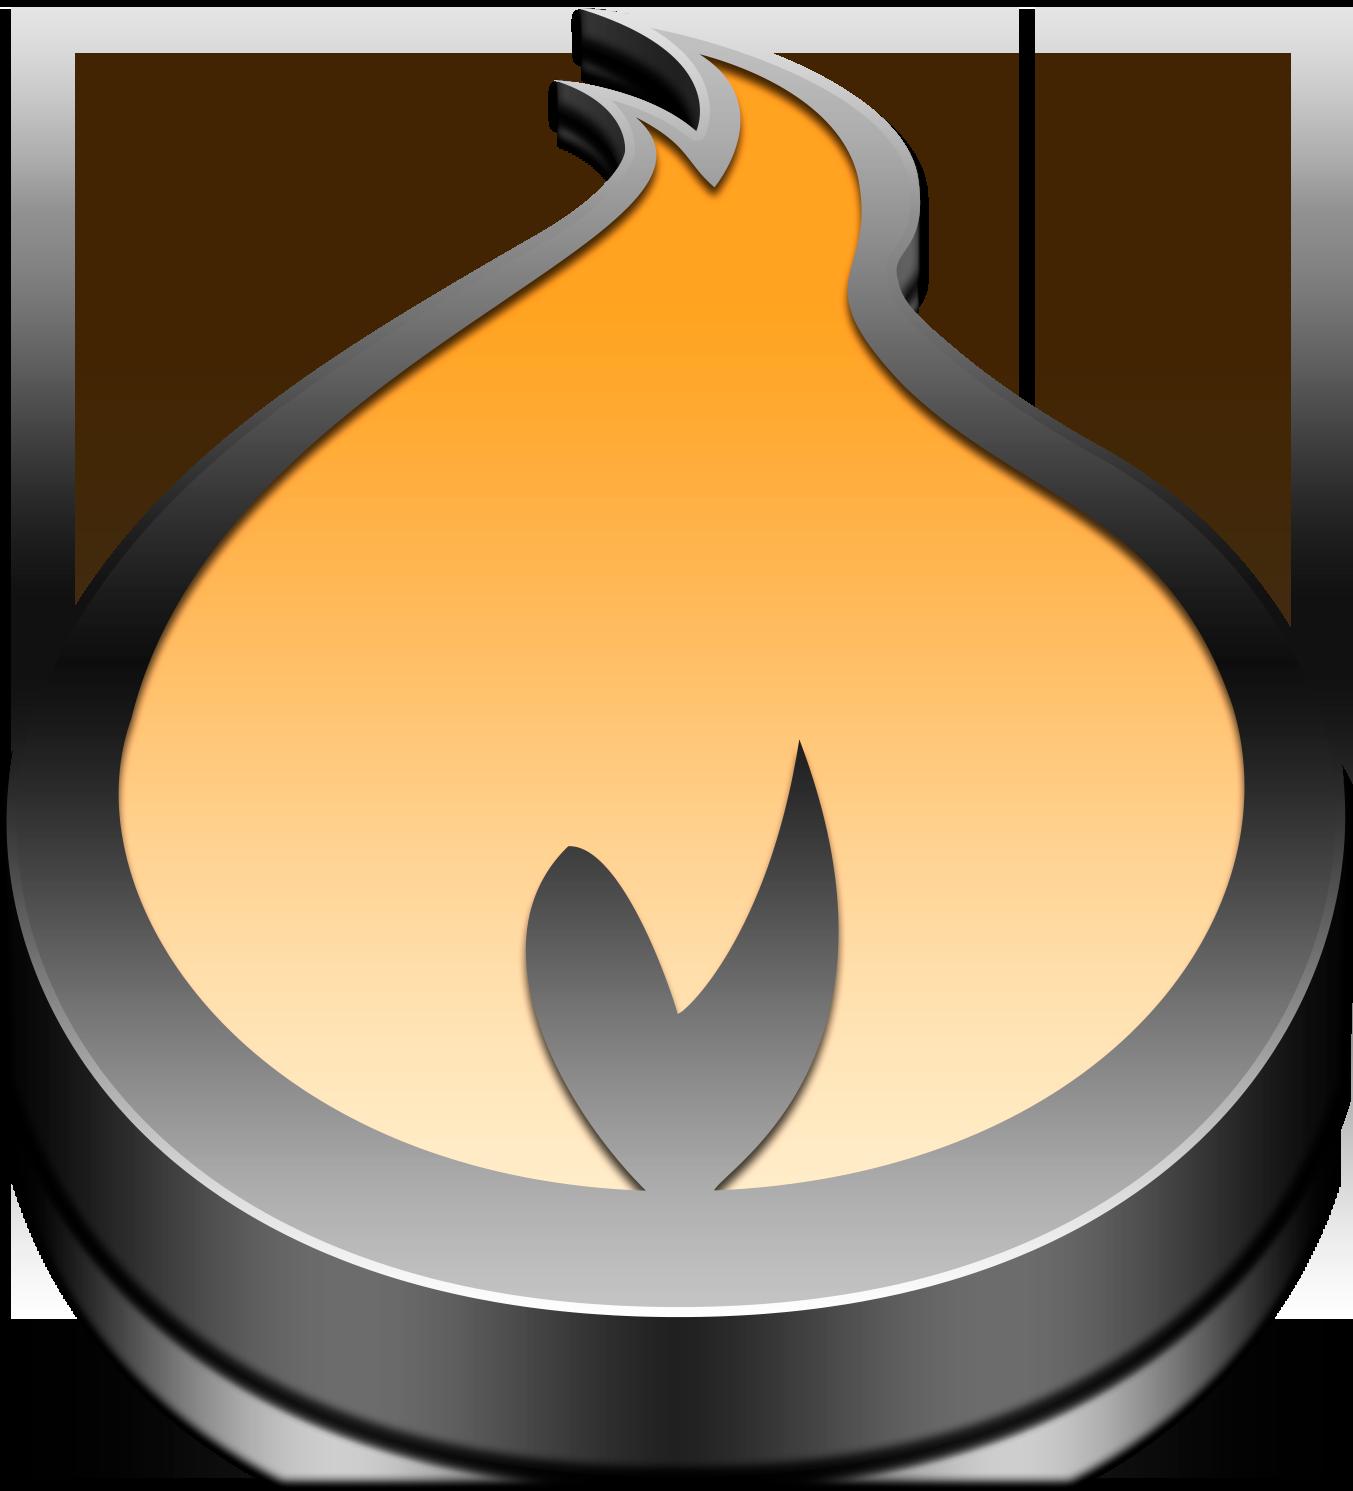 MAR DEL PLATA Escorts ❤️ MDP ESCORT & Acompañantes MARDEL Vip Escorts & Acompañantes Vip MAR DEL PLATA Premium  Escorts